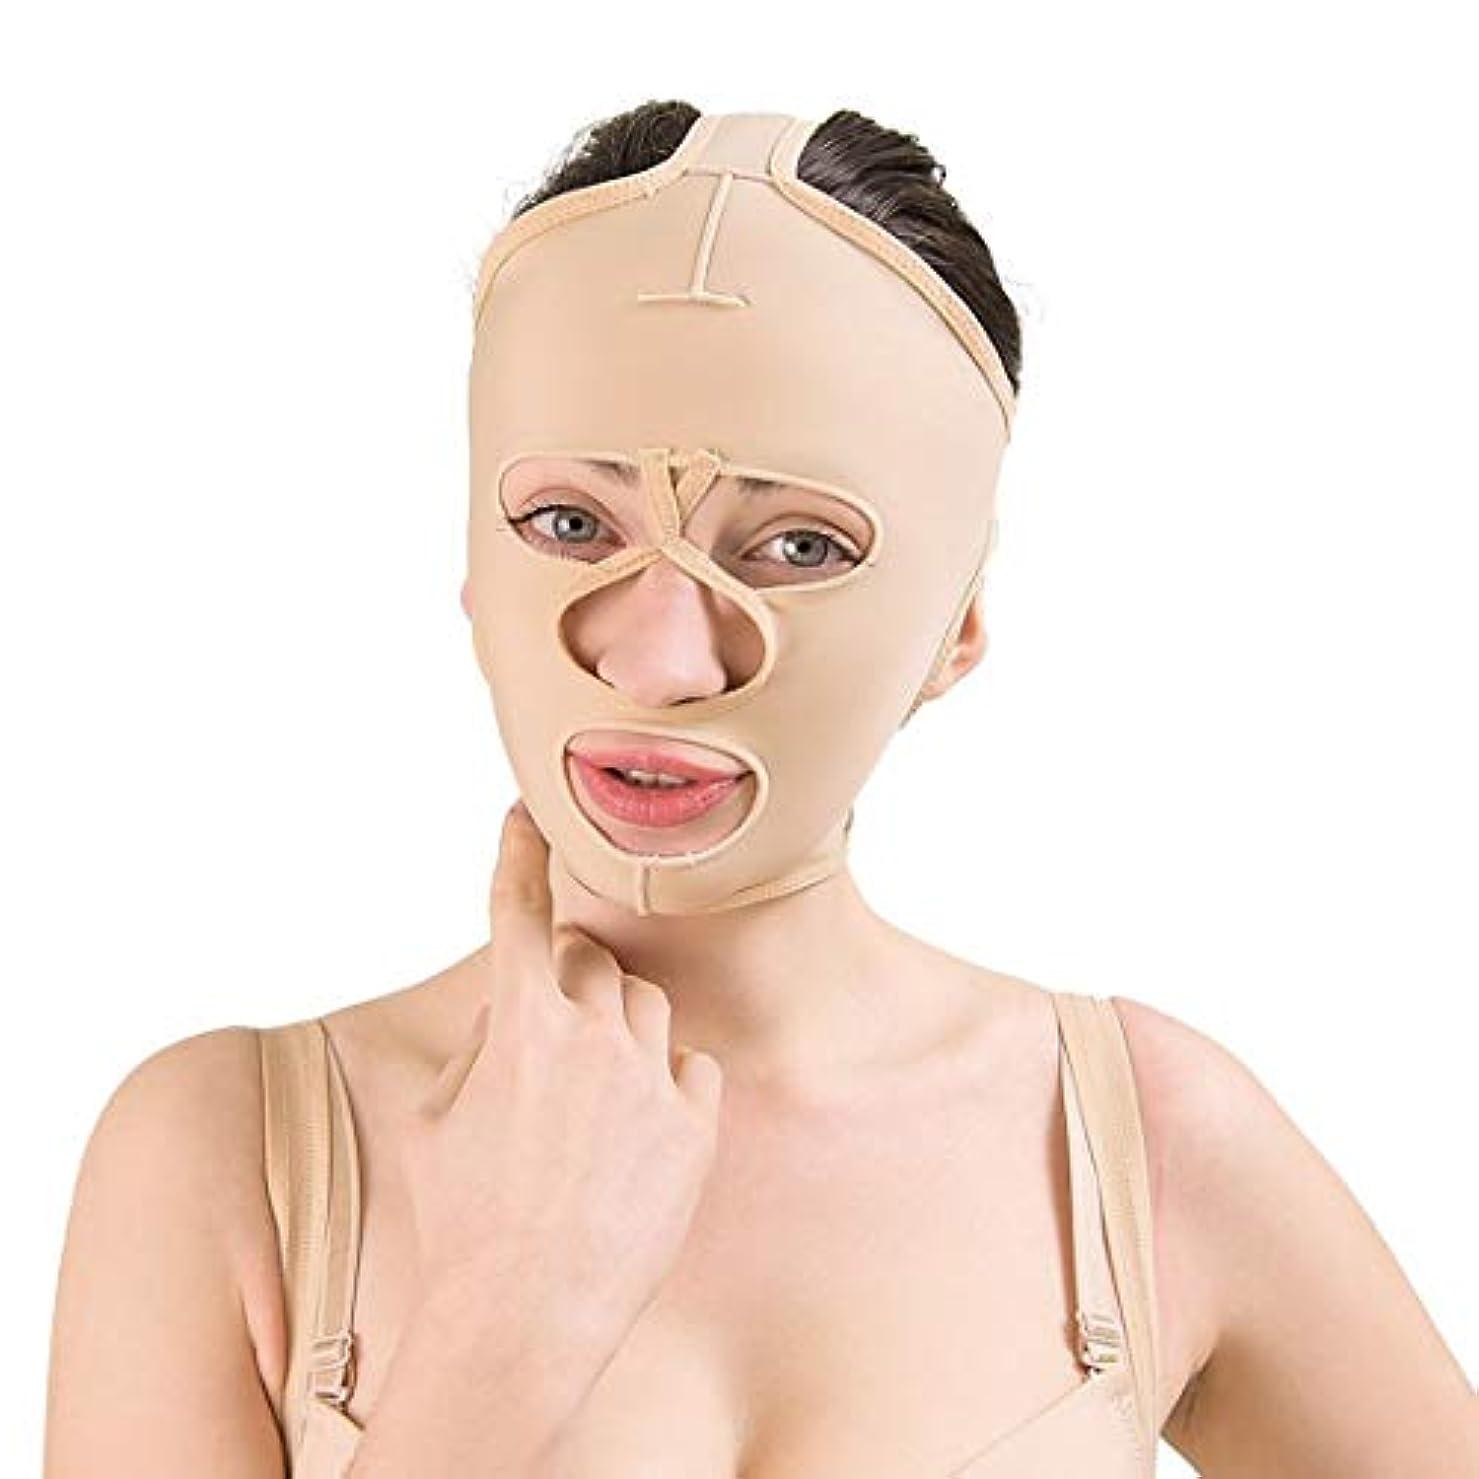 褐色蘇生するポルトガル語ZWBD フェイスマスク, フェイスリフト包帯医療弾性スリーブ顔面下顎形成外科術後圧縮下顎スリーブ補助修復マスクしわを削除する (Size : S)